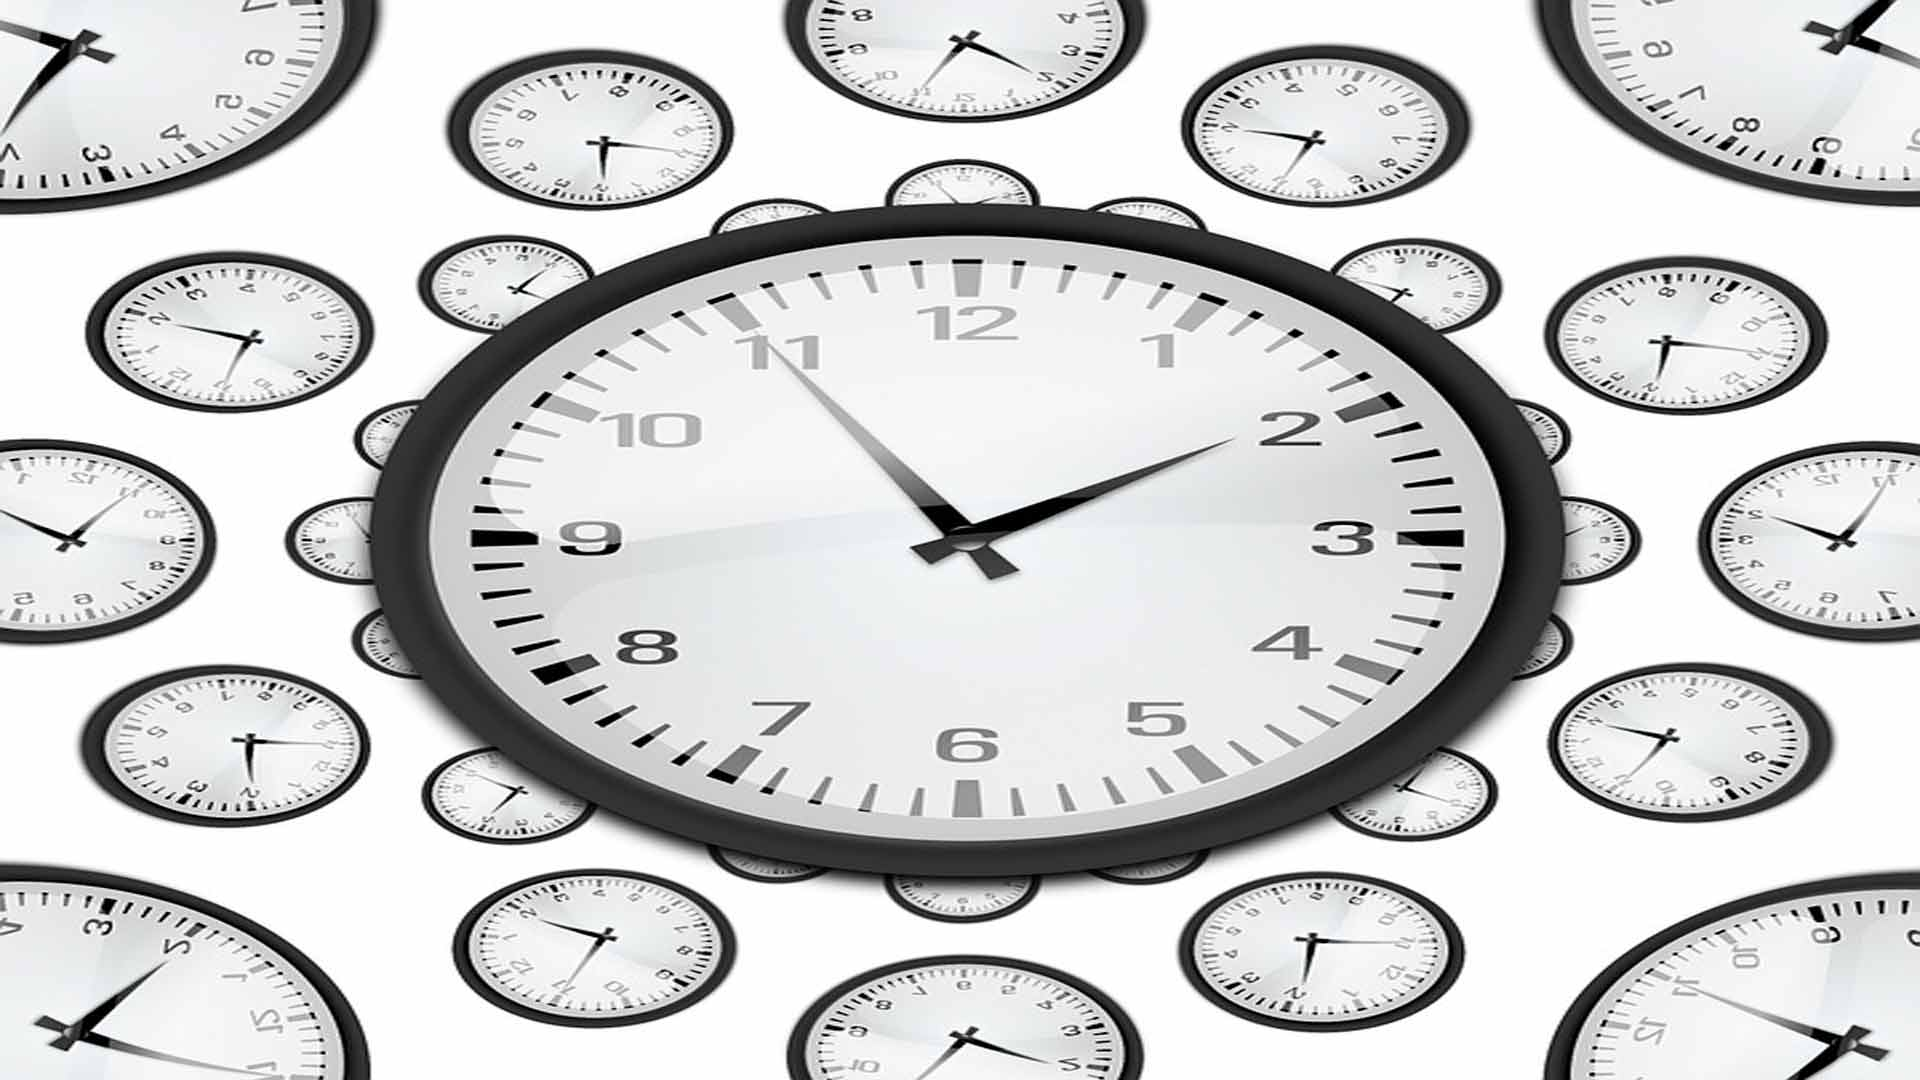 ventajas-e-inconvenientes-del-cambio-de-hora-1920